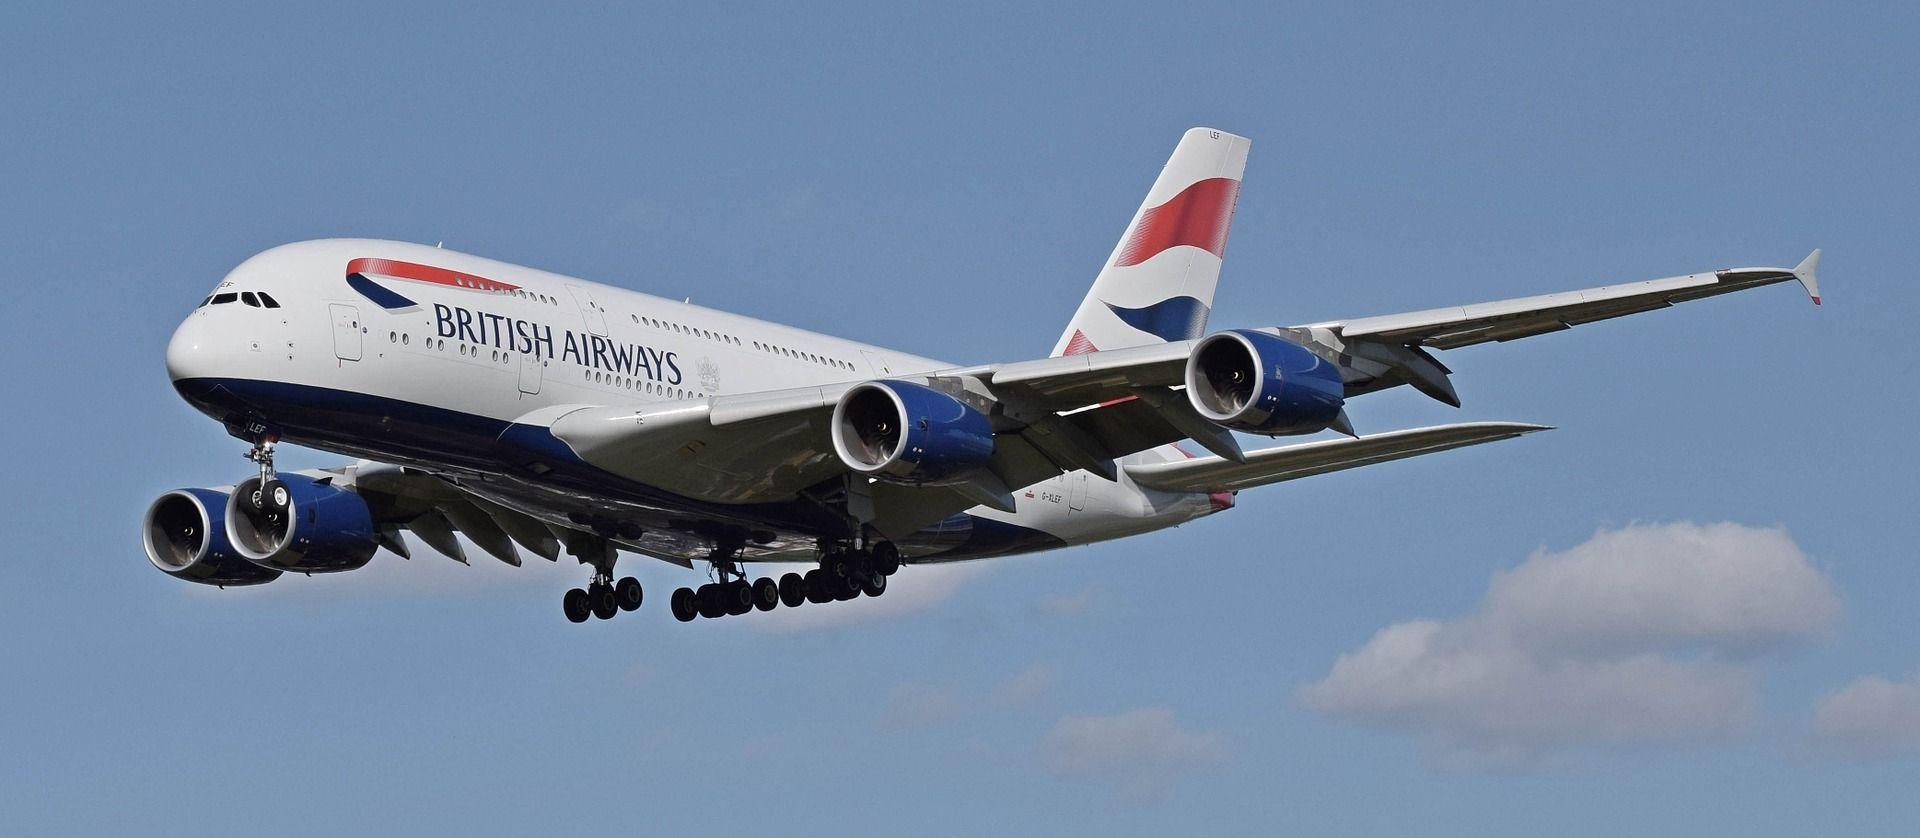 'BILO JE SAMO PITANJE VREMENA' U putnički zarkoplov British Airwaysa zabio se dron